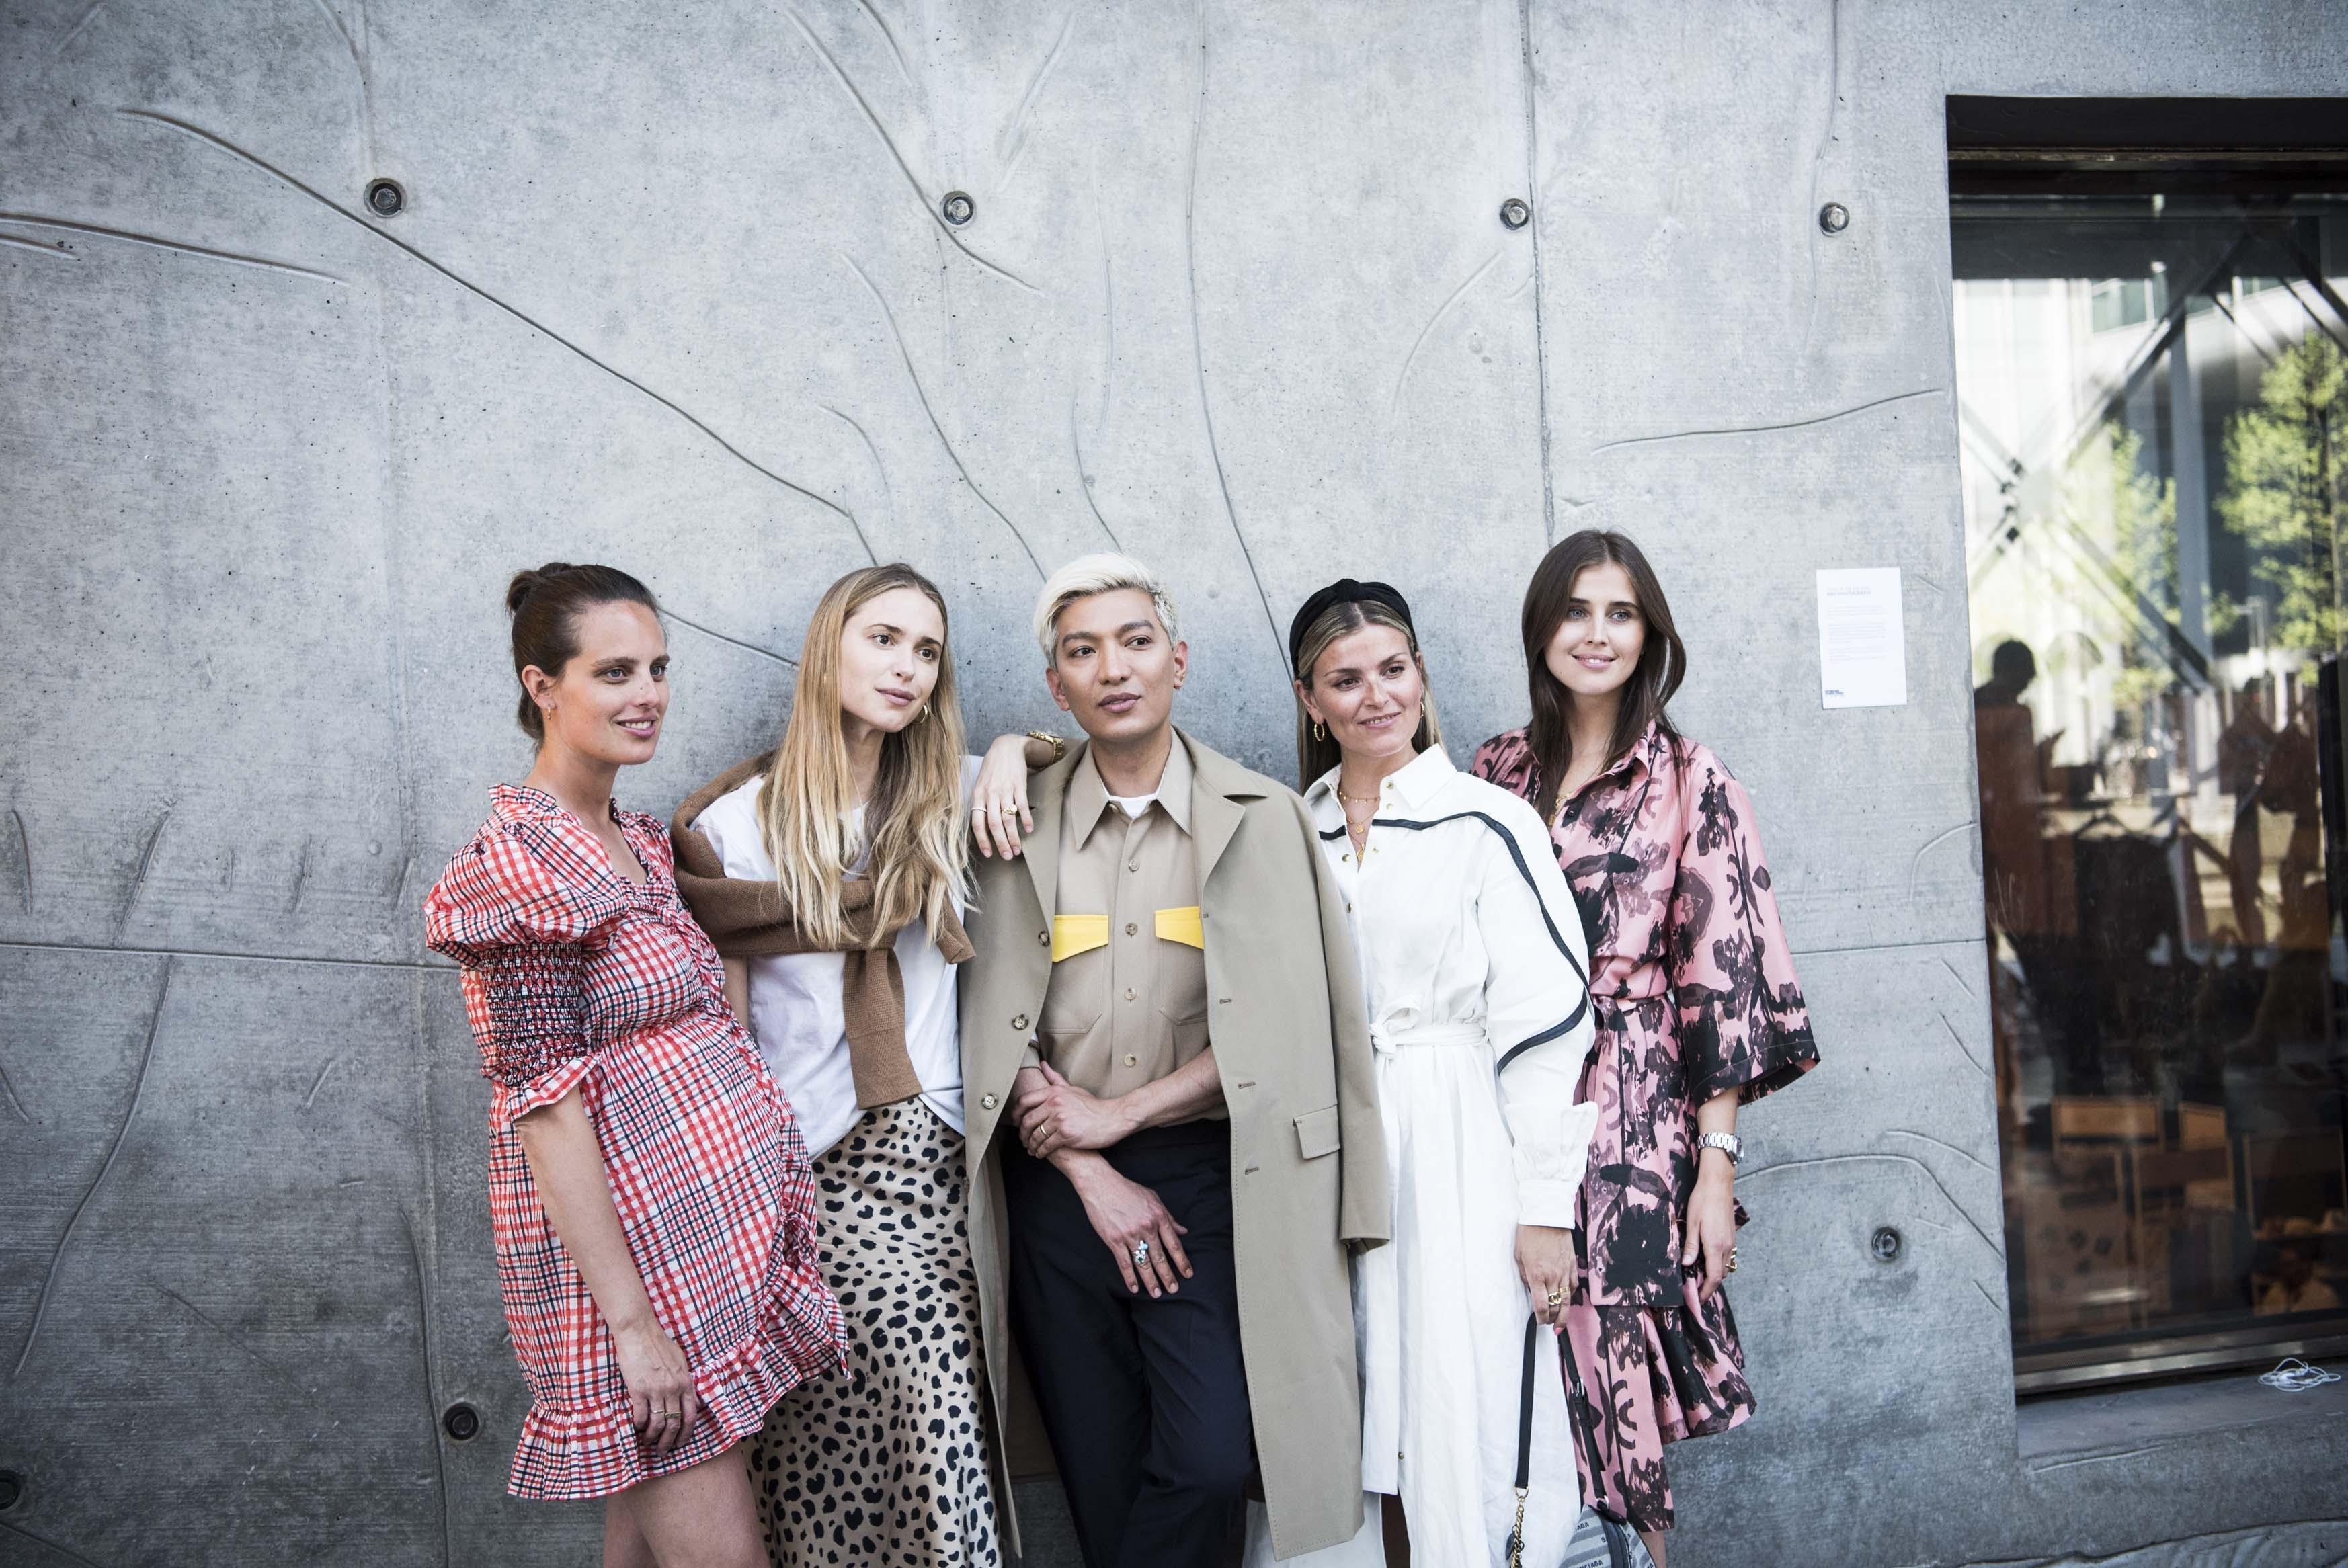 Global Fashion Agenda, Boston Consulting Group, Pulse Score, Higg Index, Copenhaguen Fashion Summit, sostenibilidad del textil/confección